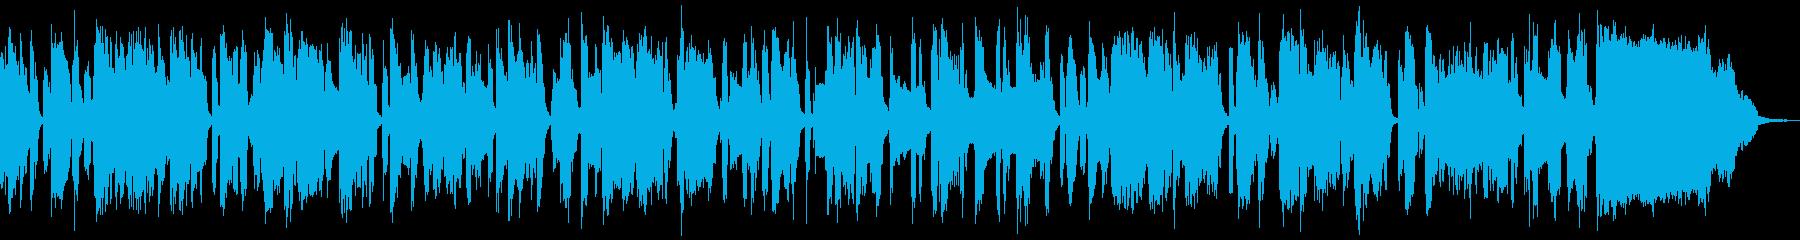 まろやかなジャズオルガンとカンピー...の再生済みの波形